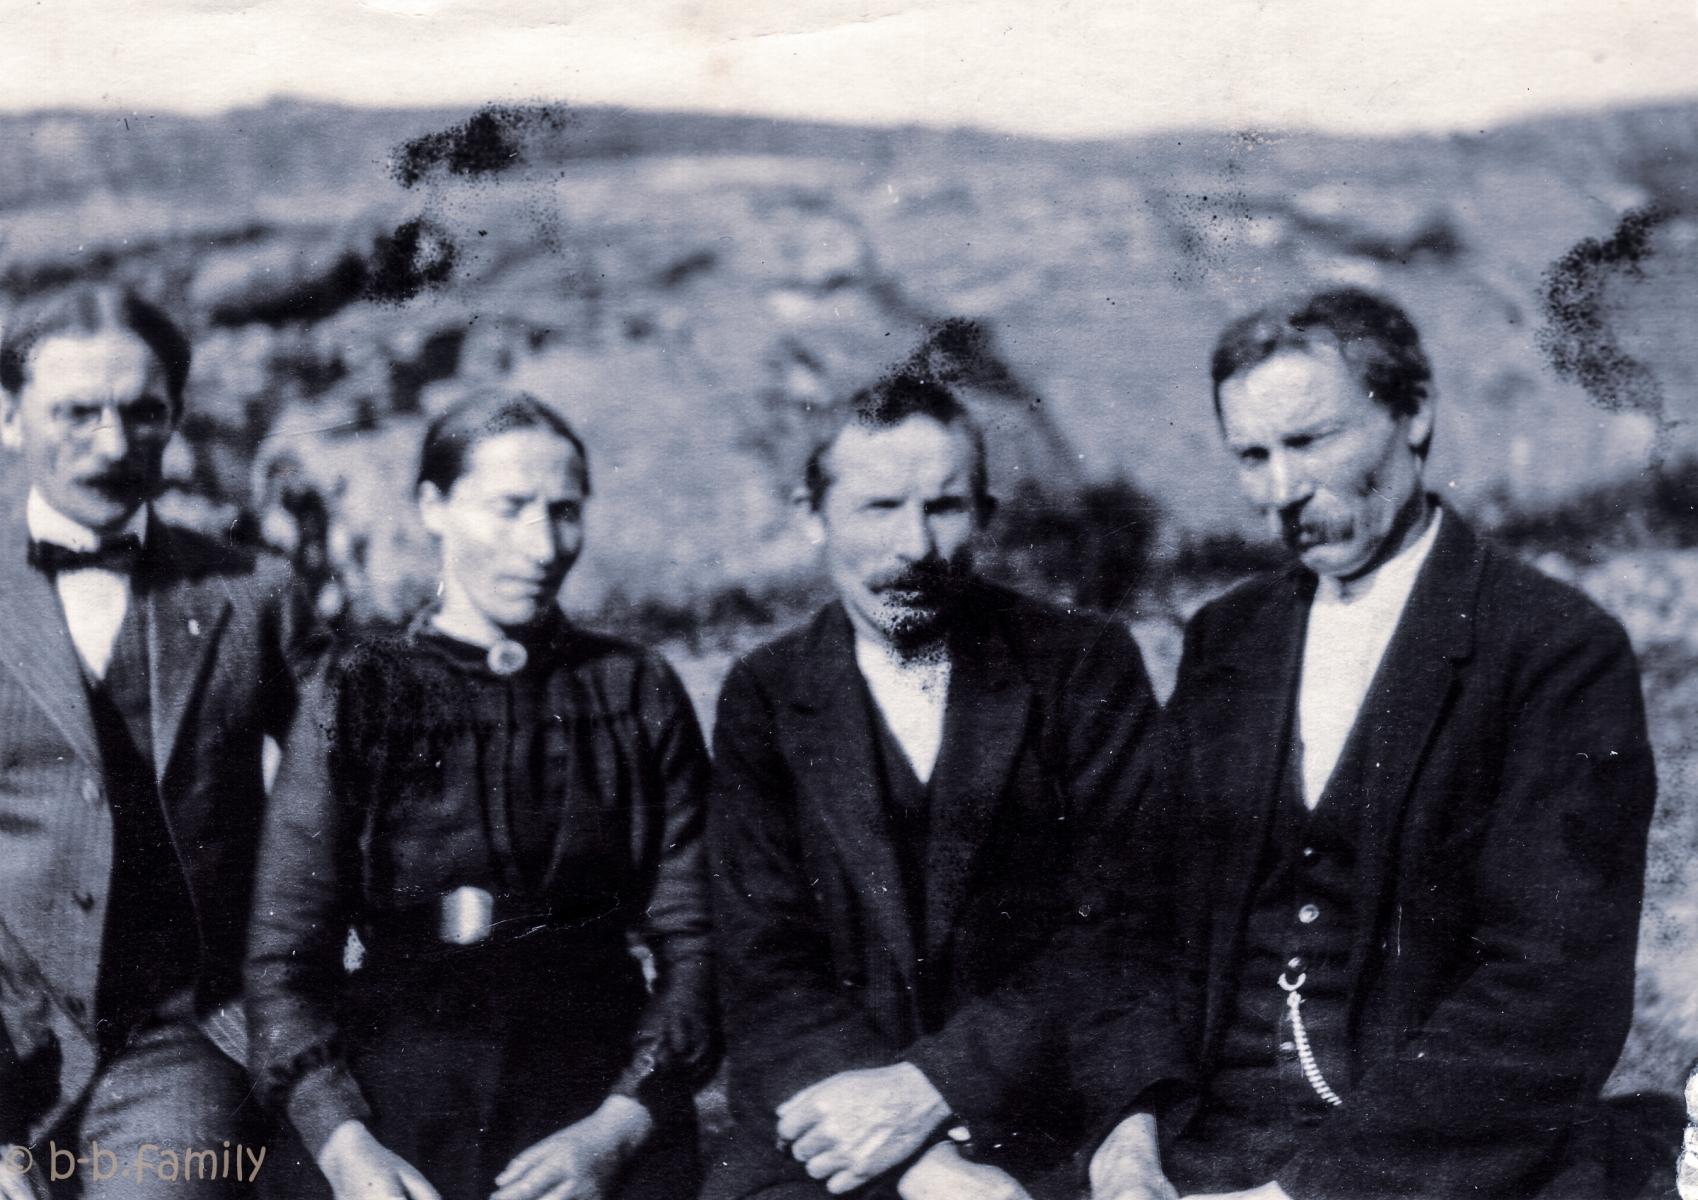 Søsken gjenforening i Hessevåg Bakke